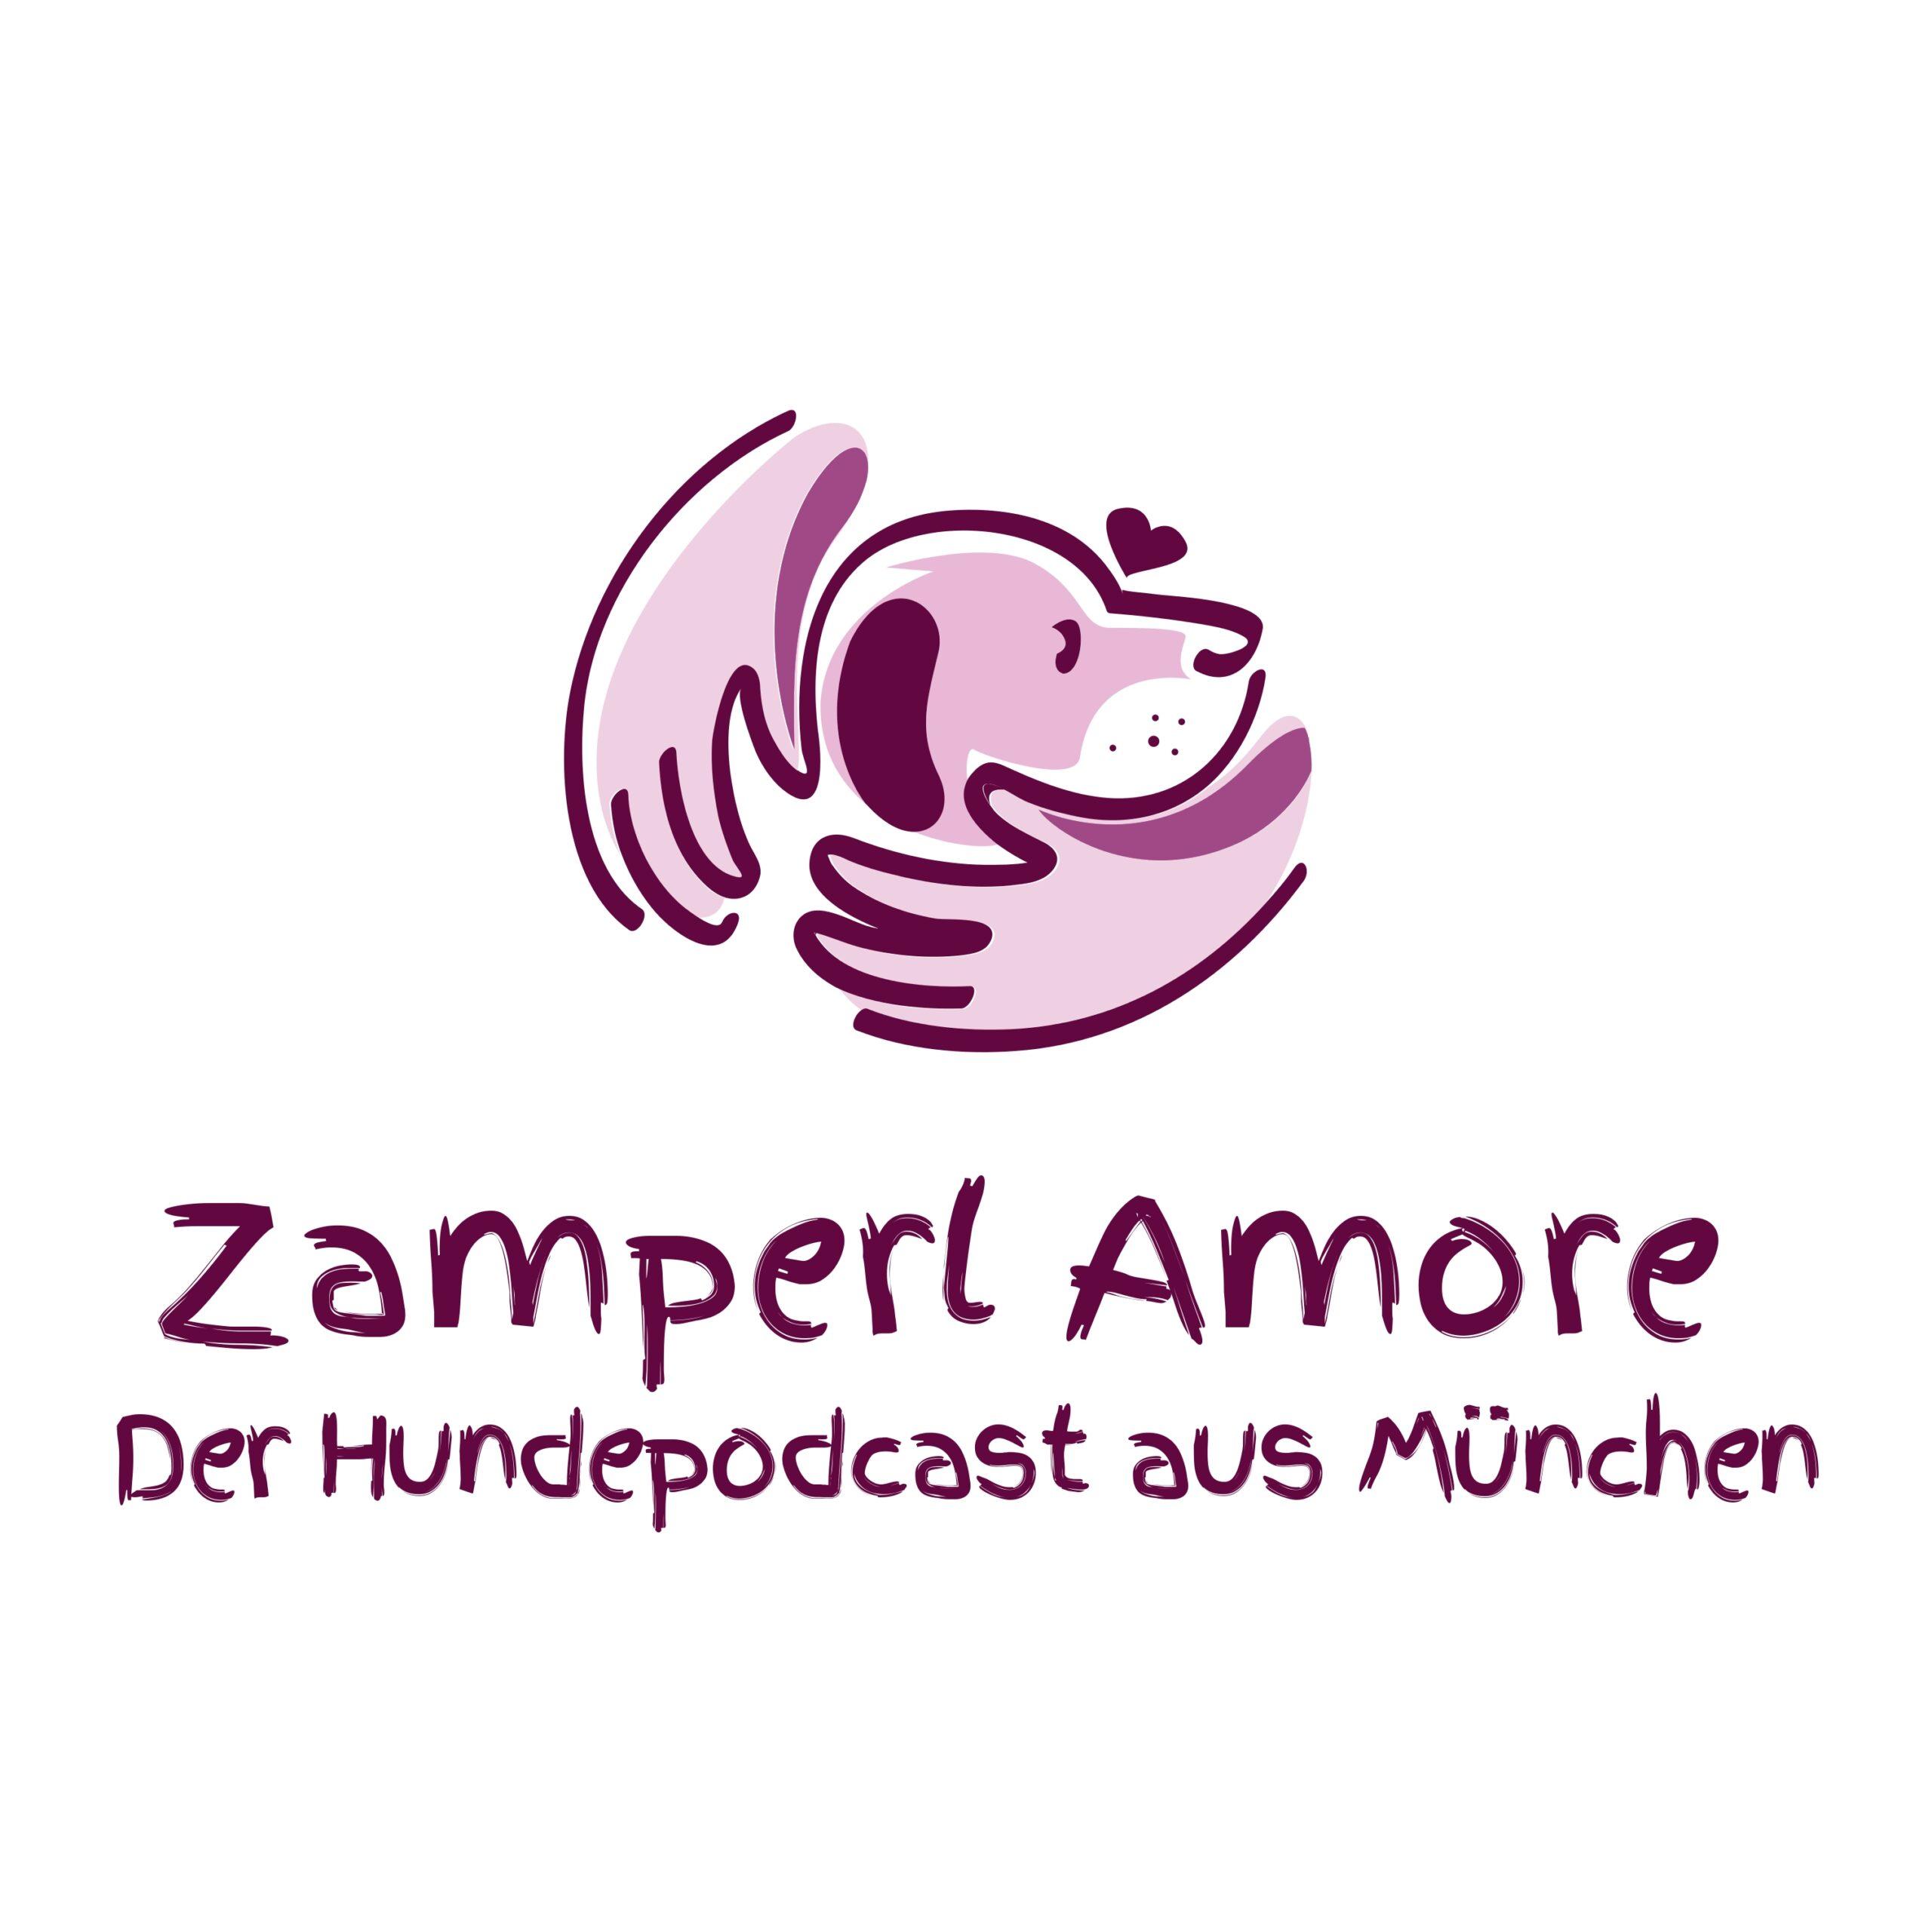 Zamperl Amore - Der Podcast über Hunde